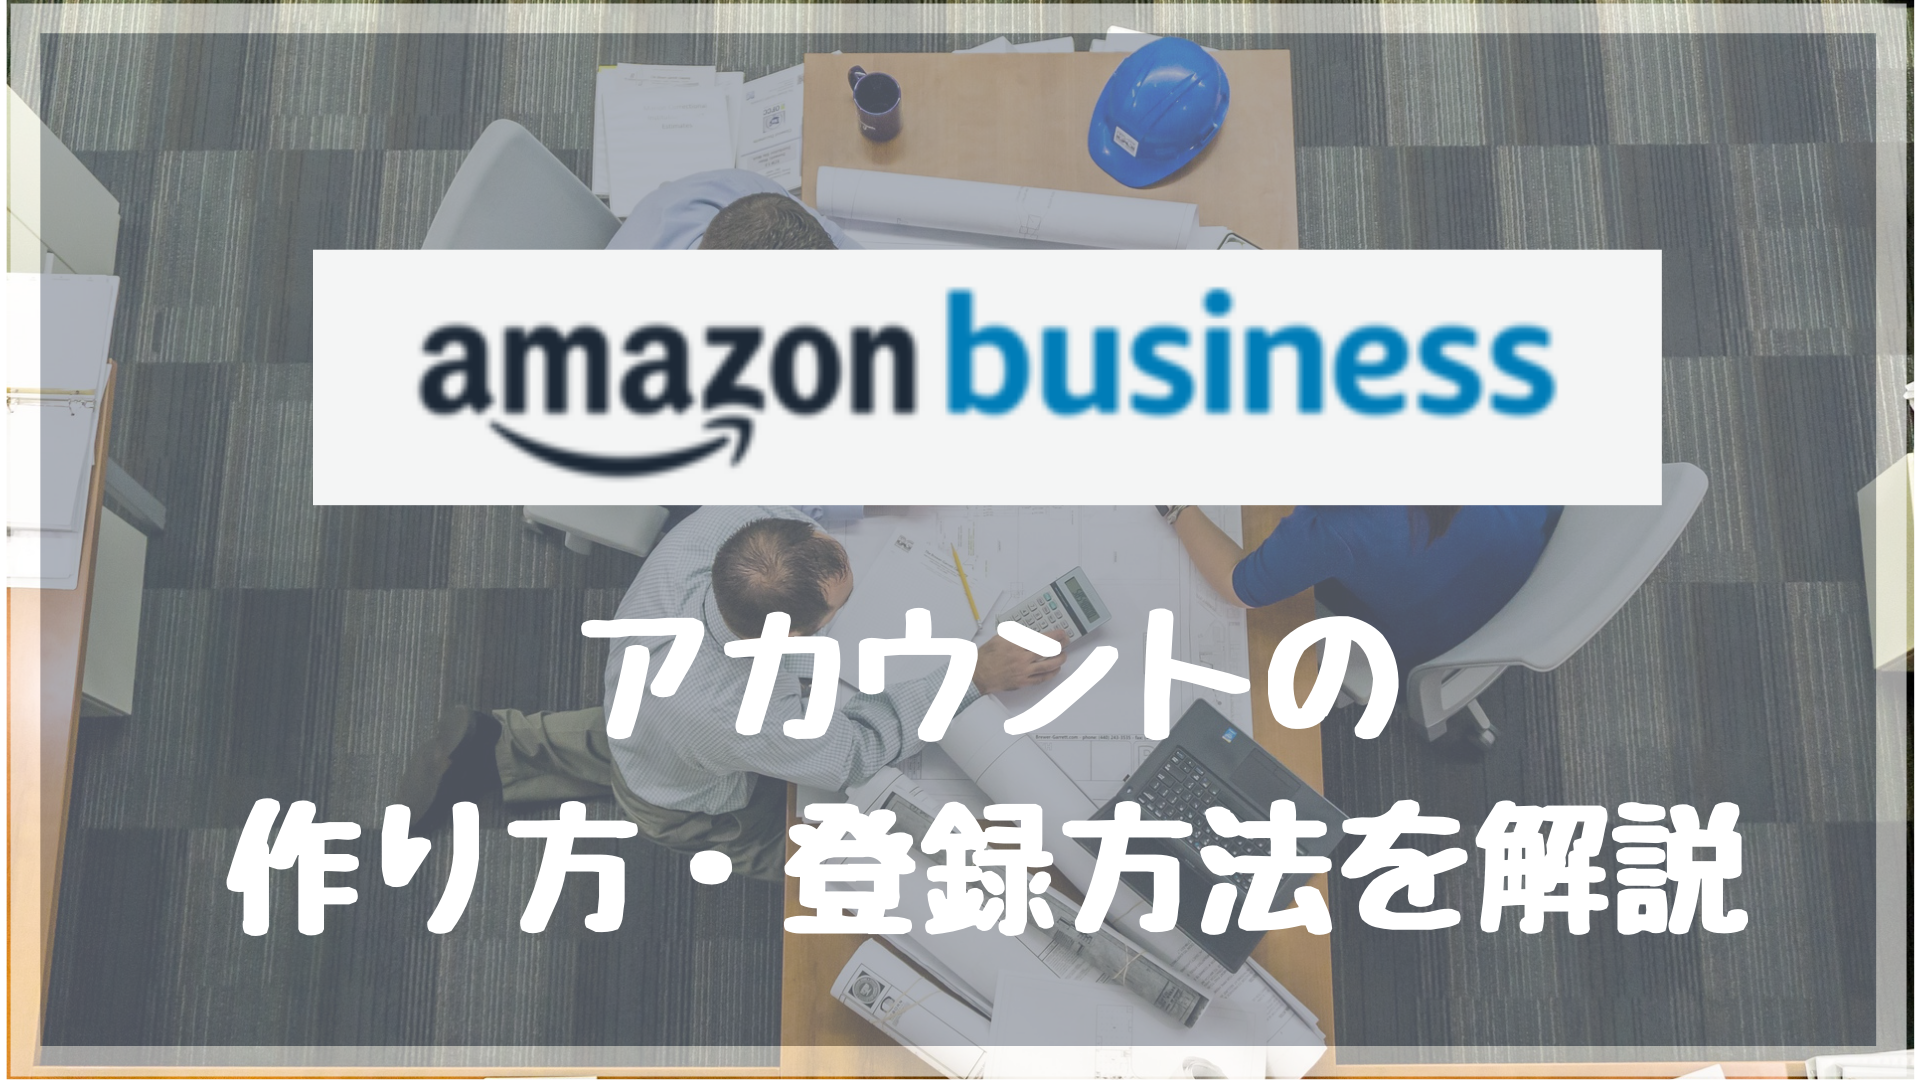 Amazonビジネスアカウントの特徴と作り方(作成方法・登録手続き)をわかりやすく解説します!